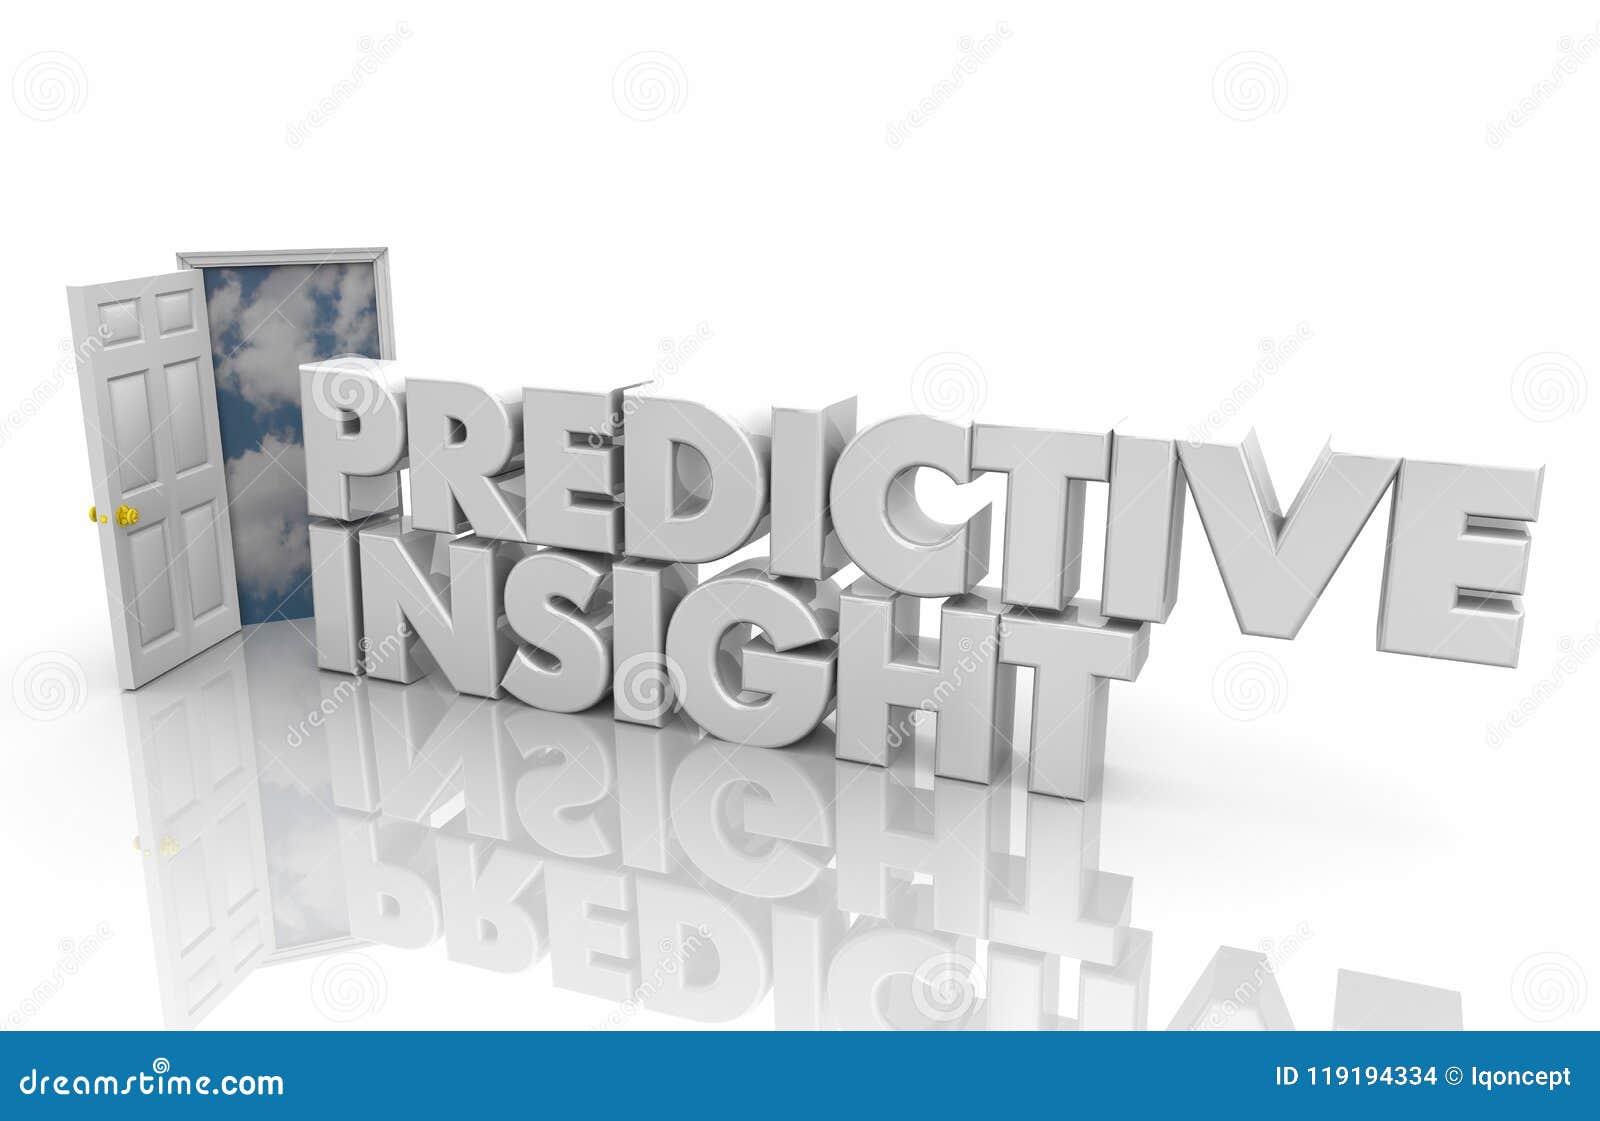 Ord för information om intelligens för öppen dörr för Predicitve inblick 3d R